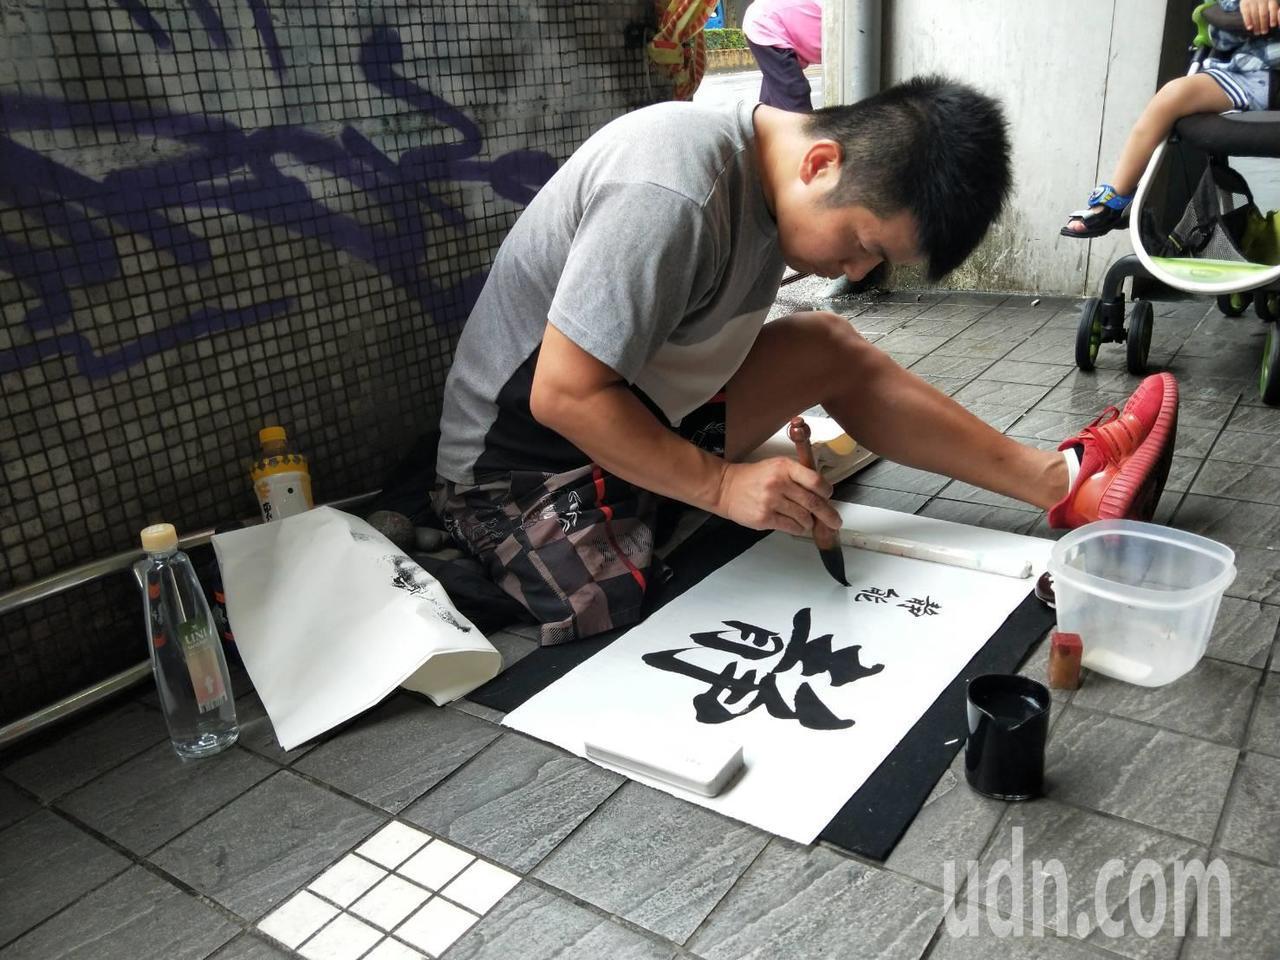 李陽表示,通常在每天中午12點左右,會在各捷運站出口附近,找塊空地待著寫字。